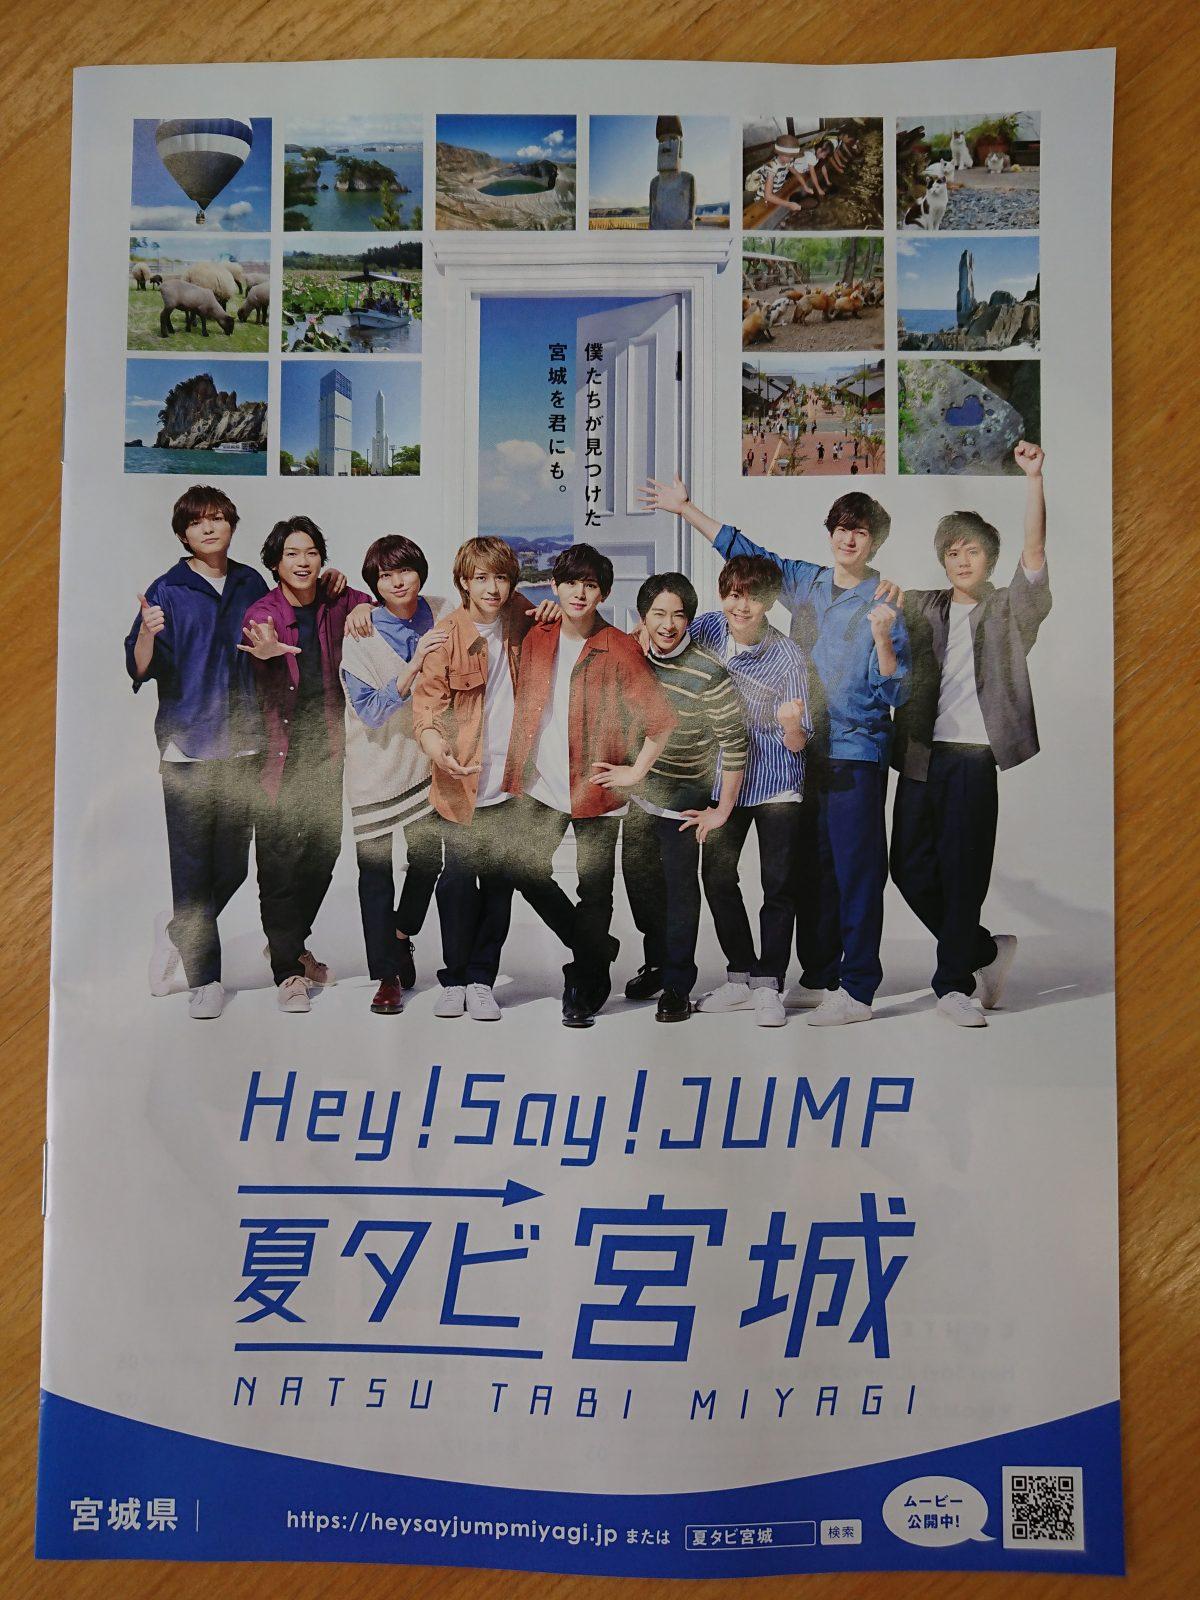 『Hey! Say! JUMP 夏タビ宮城』観光ガイドマップ好評配布中!